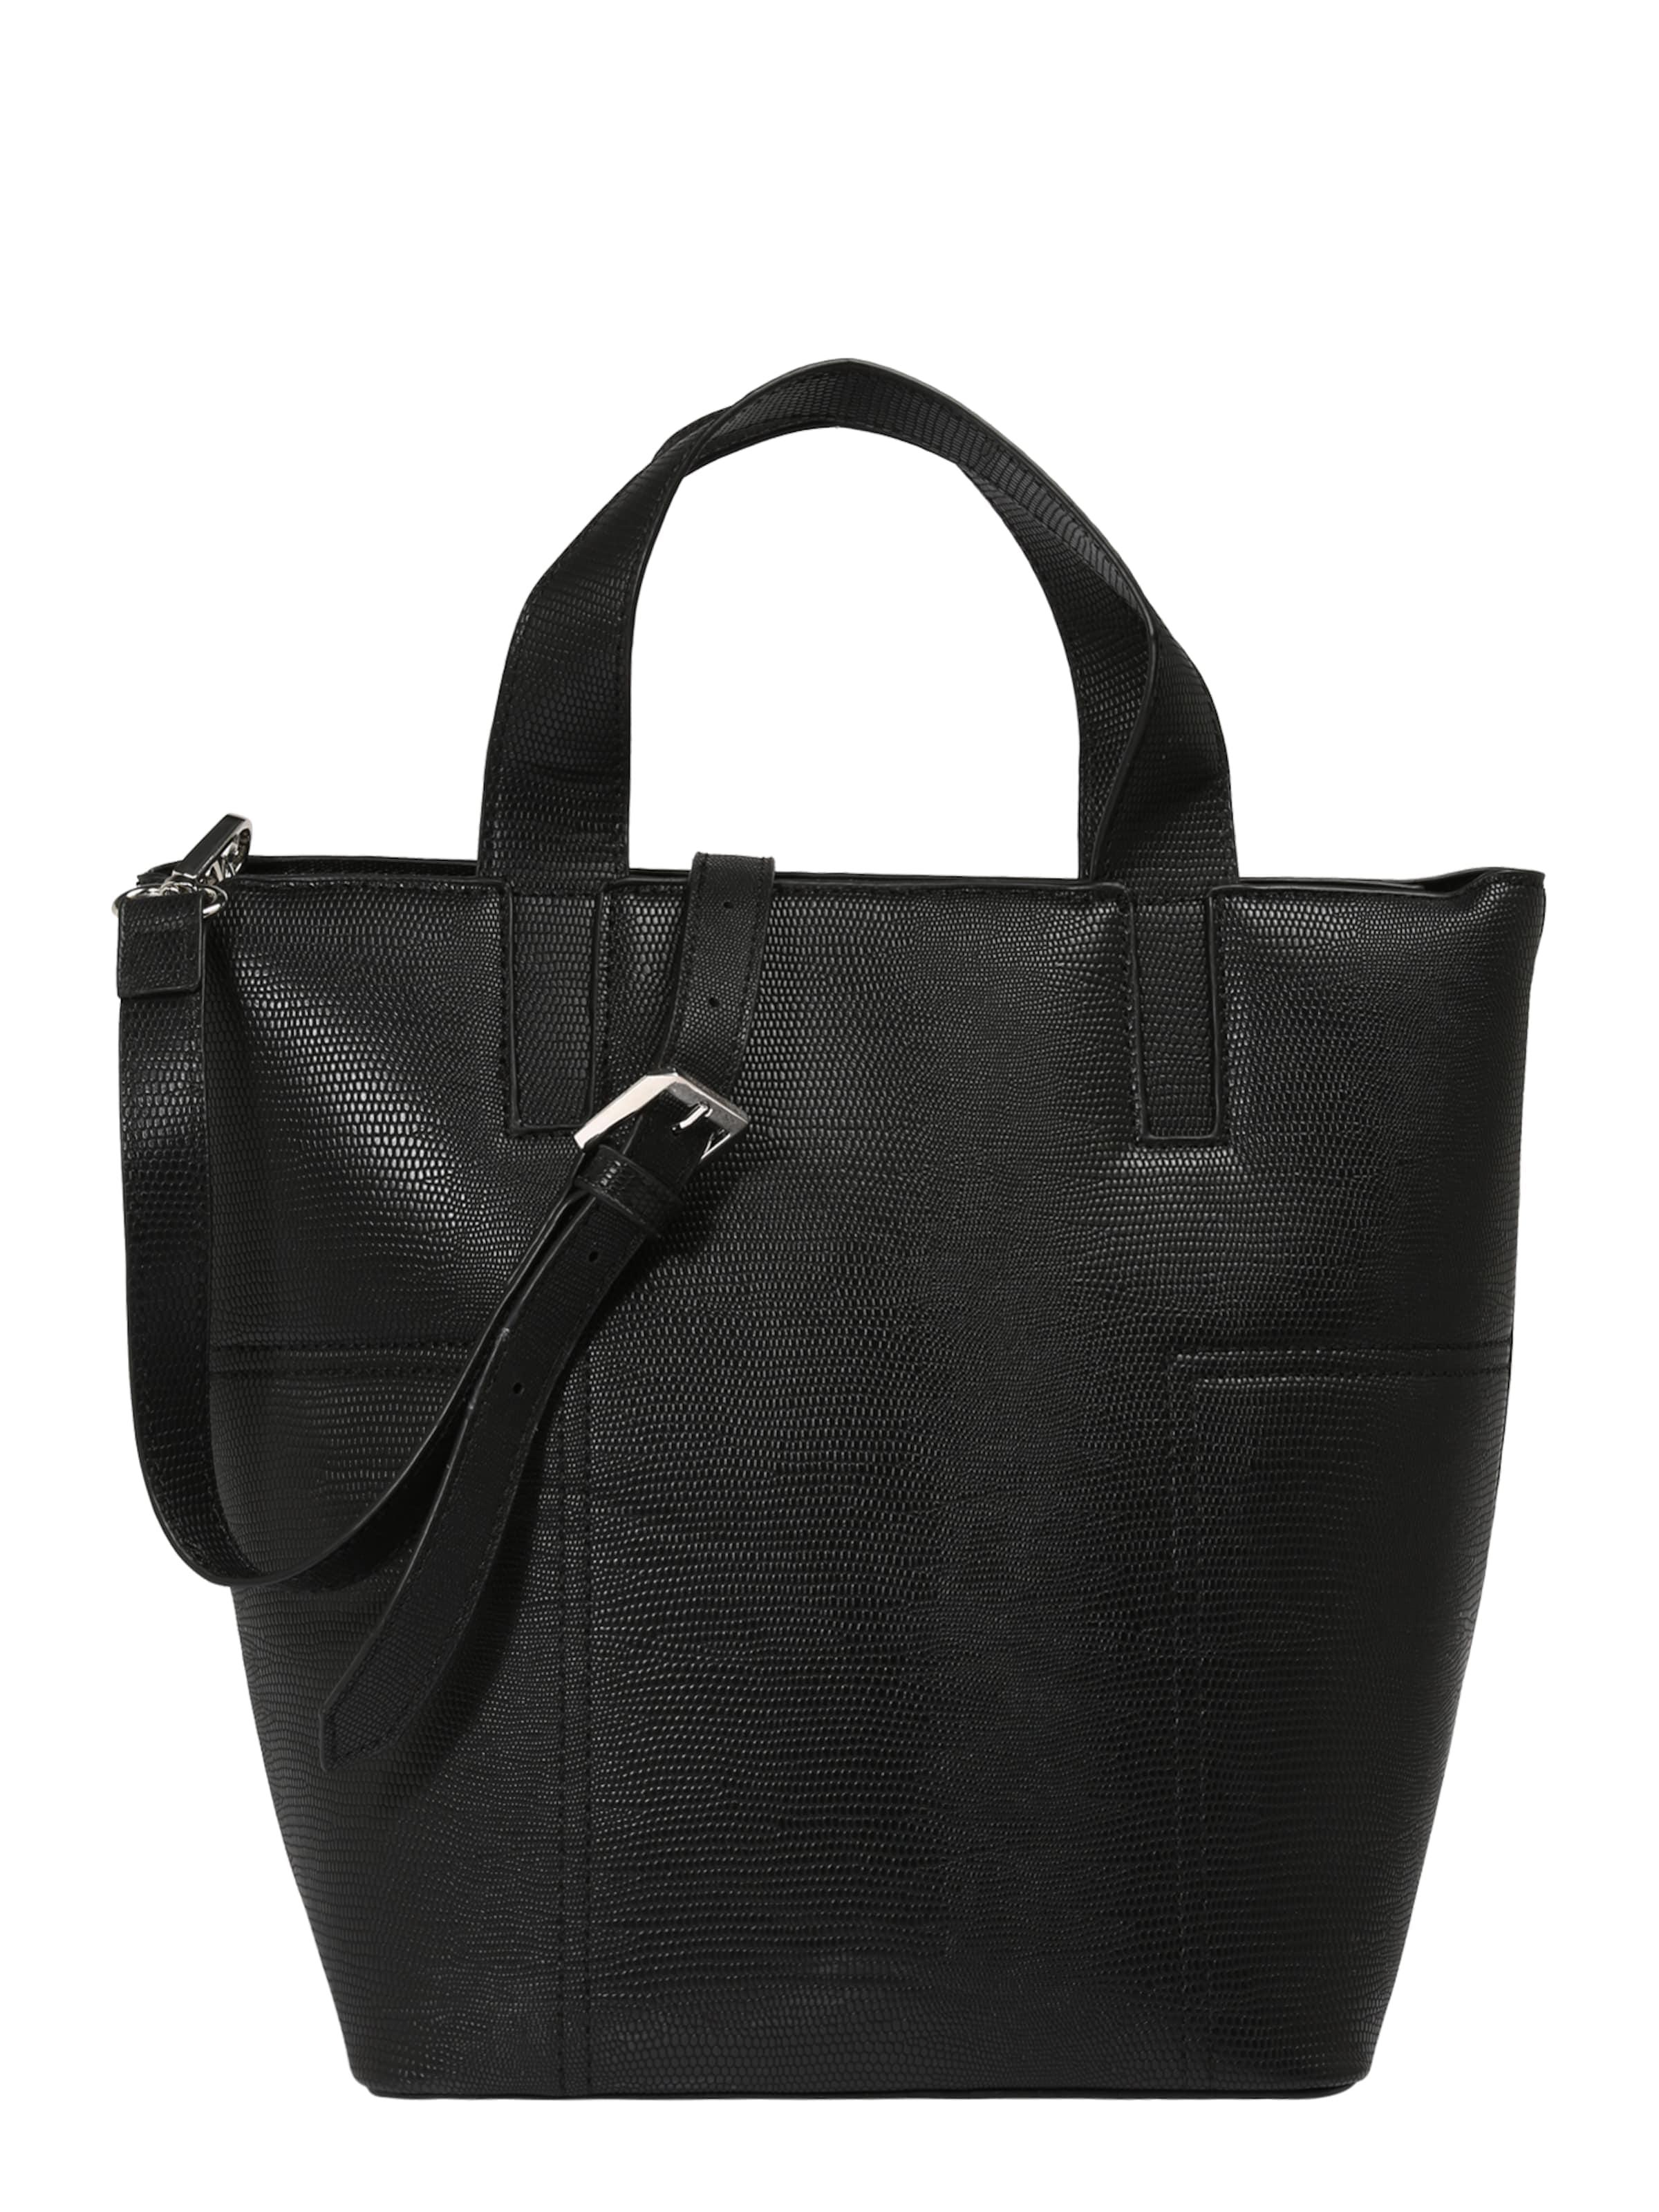 In Object Pu 'objcarly Bag' Tasche Schwarz wPZiOXTkul